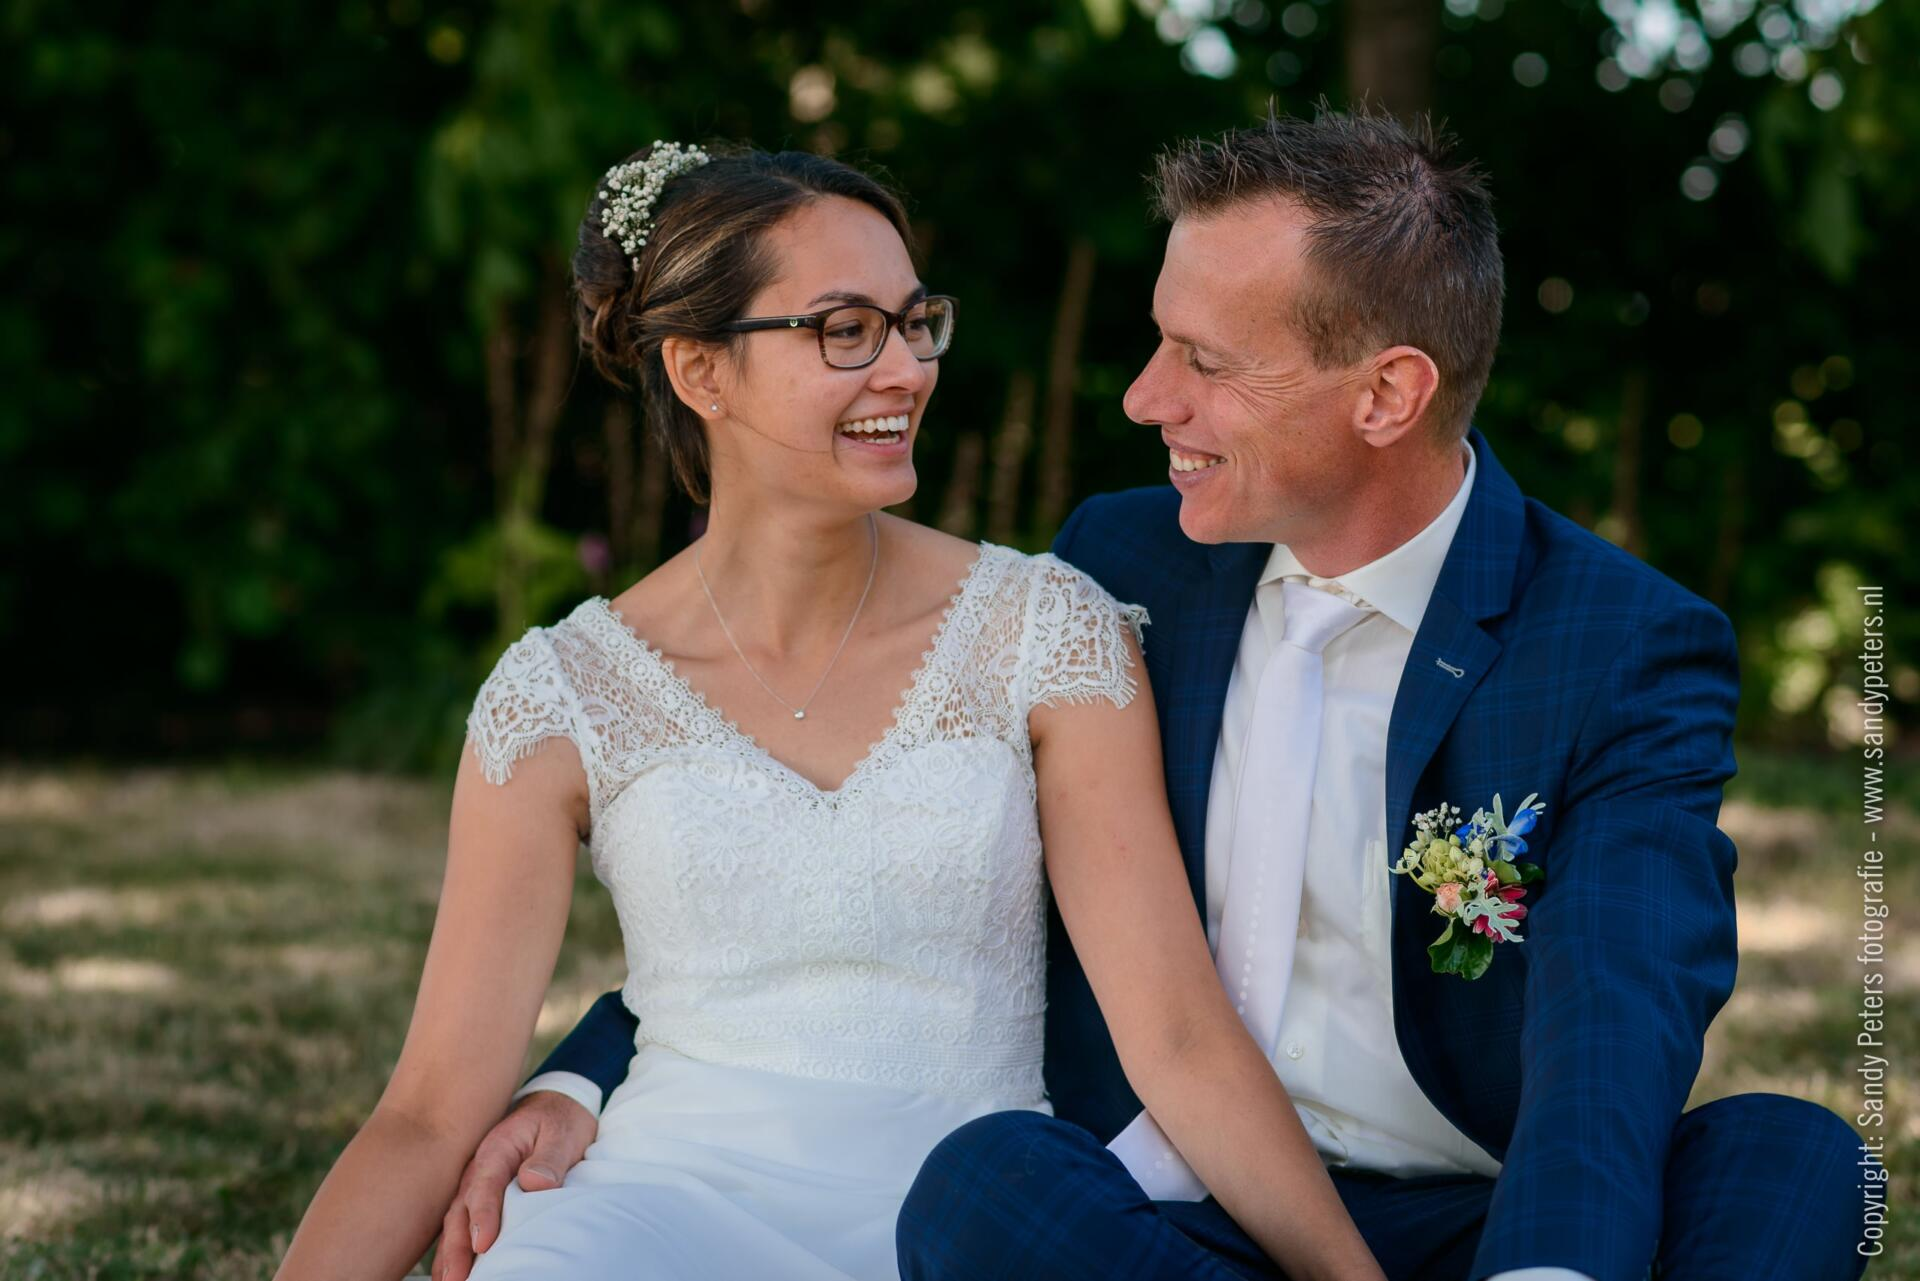 Bruiloft op de boerderij in Haren bij Oss door Bruidsfotograaf Sandy Peters uit Brabant